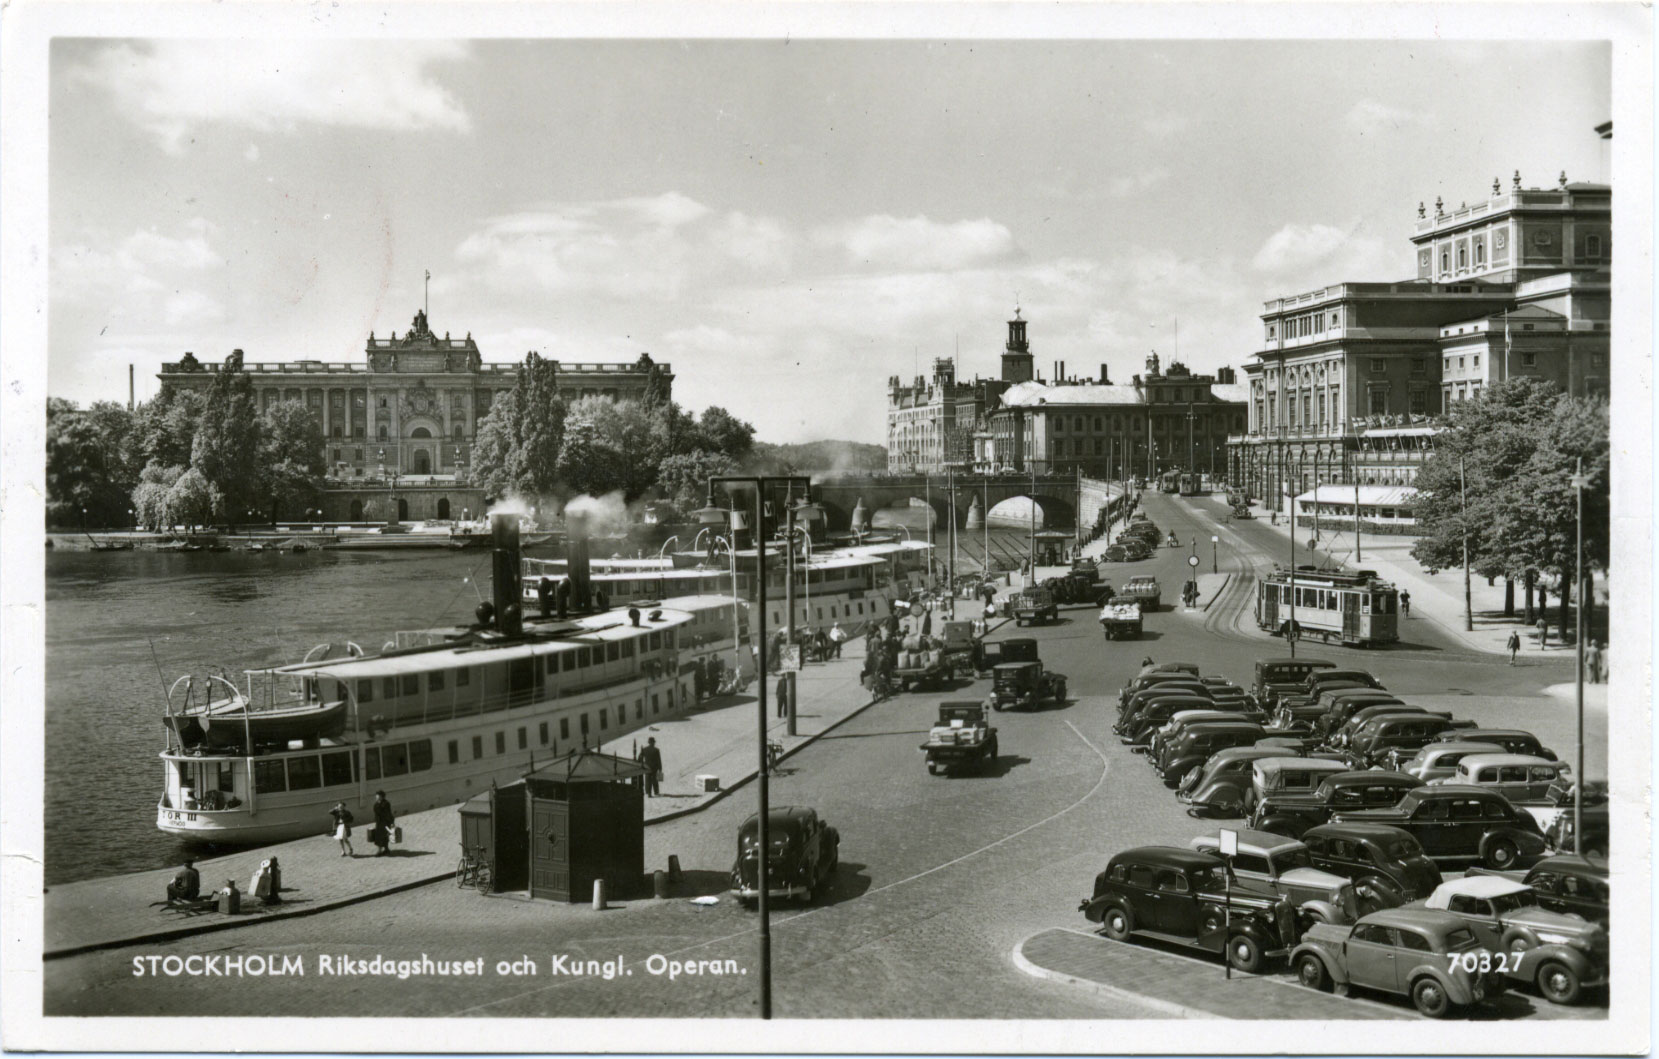 Riksdagshuset och kungliga operan